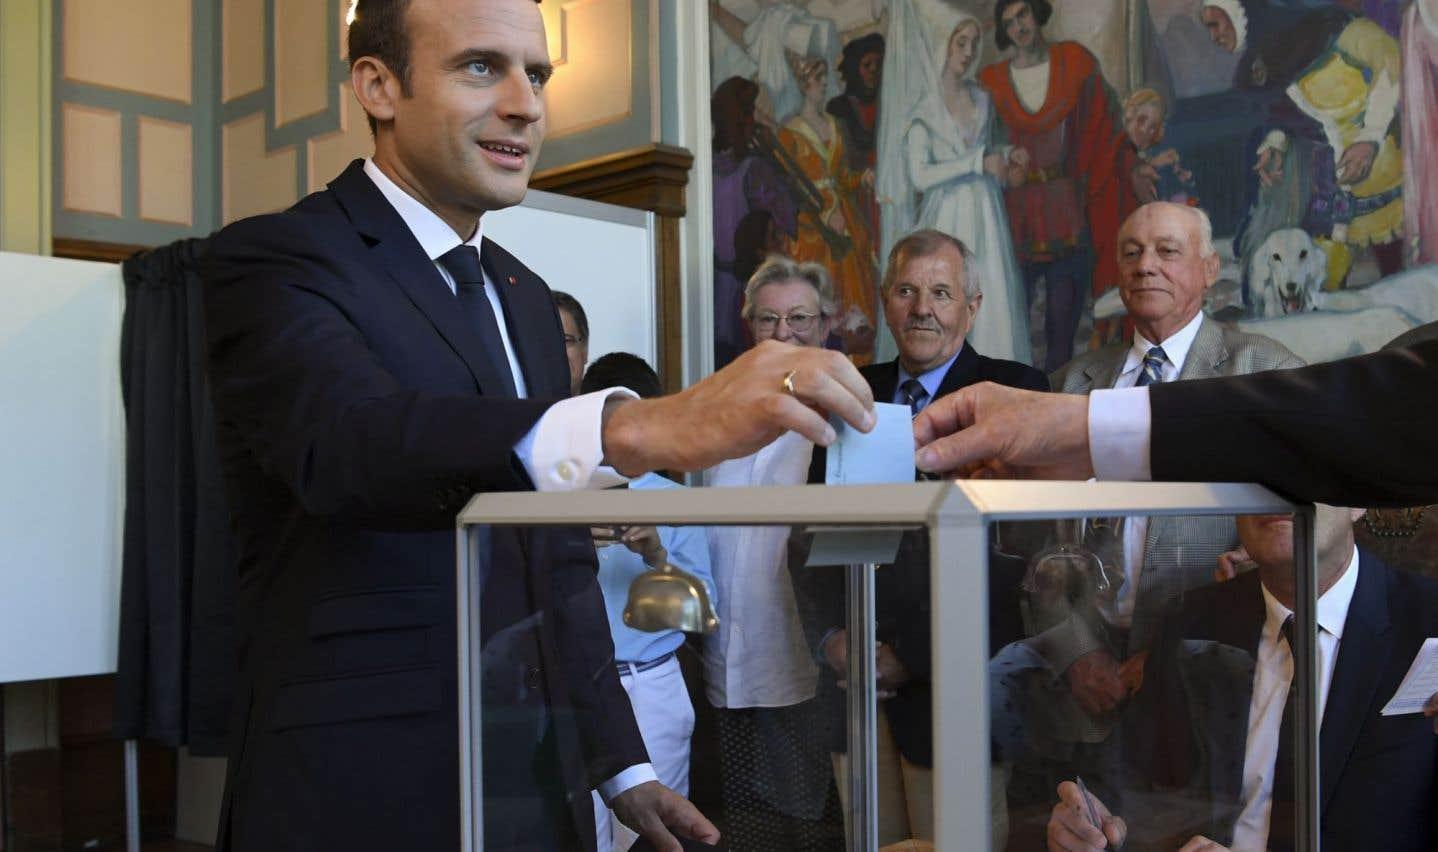 Législatives françaises: majorité écrasante pour Macron, abstention record